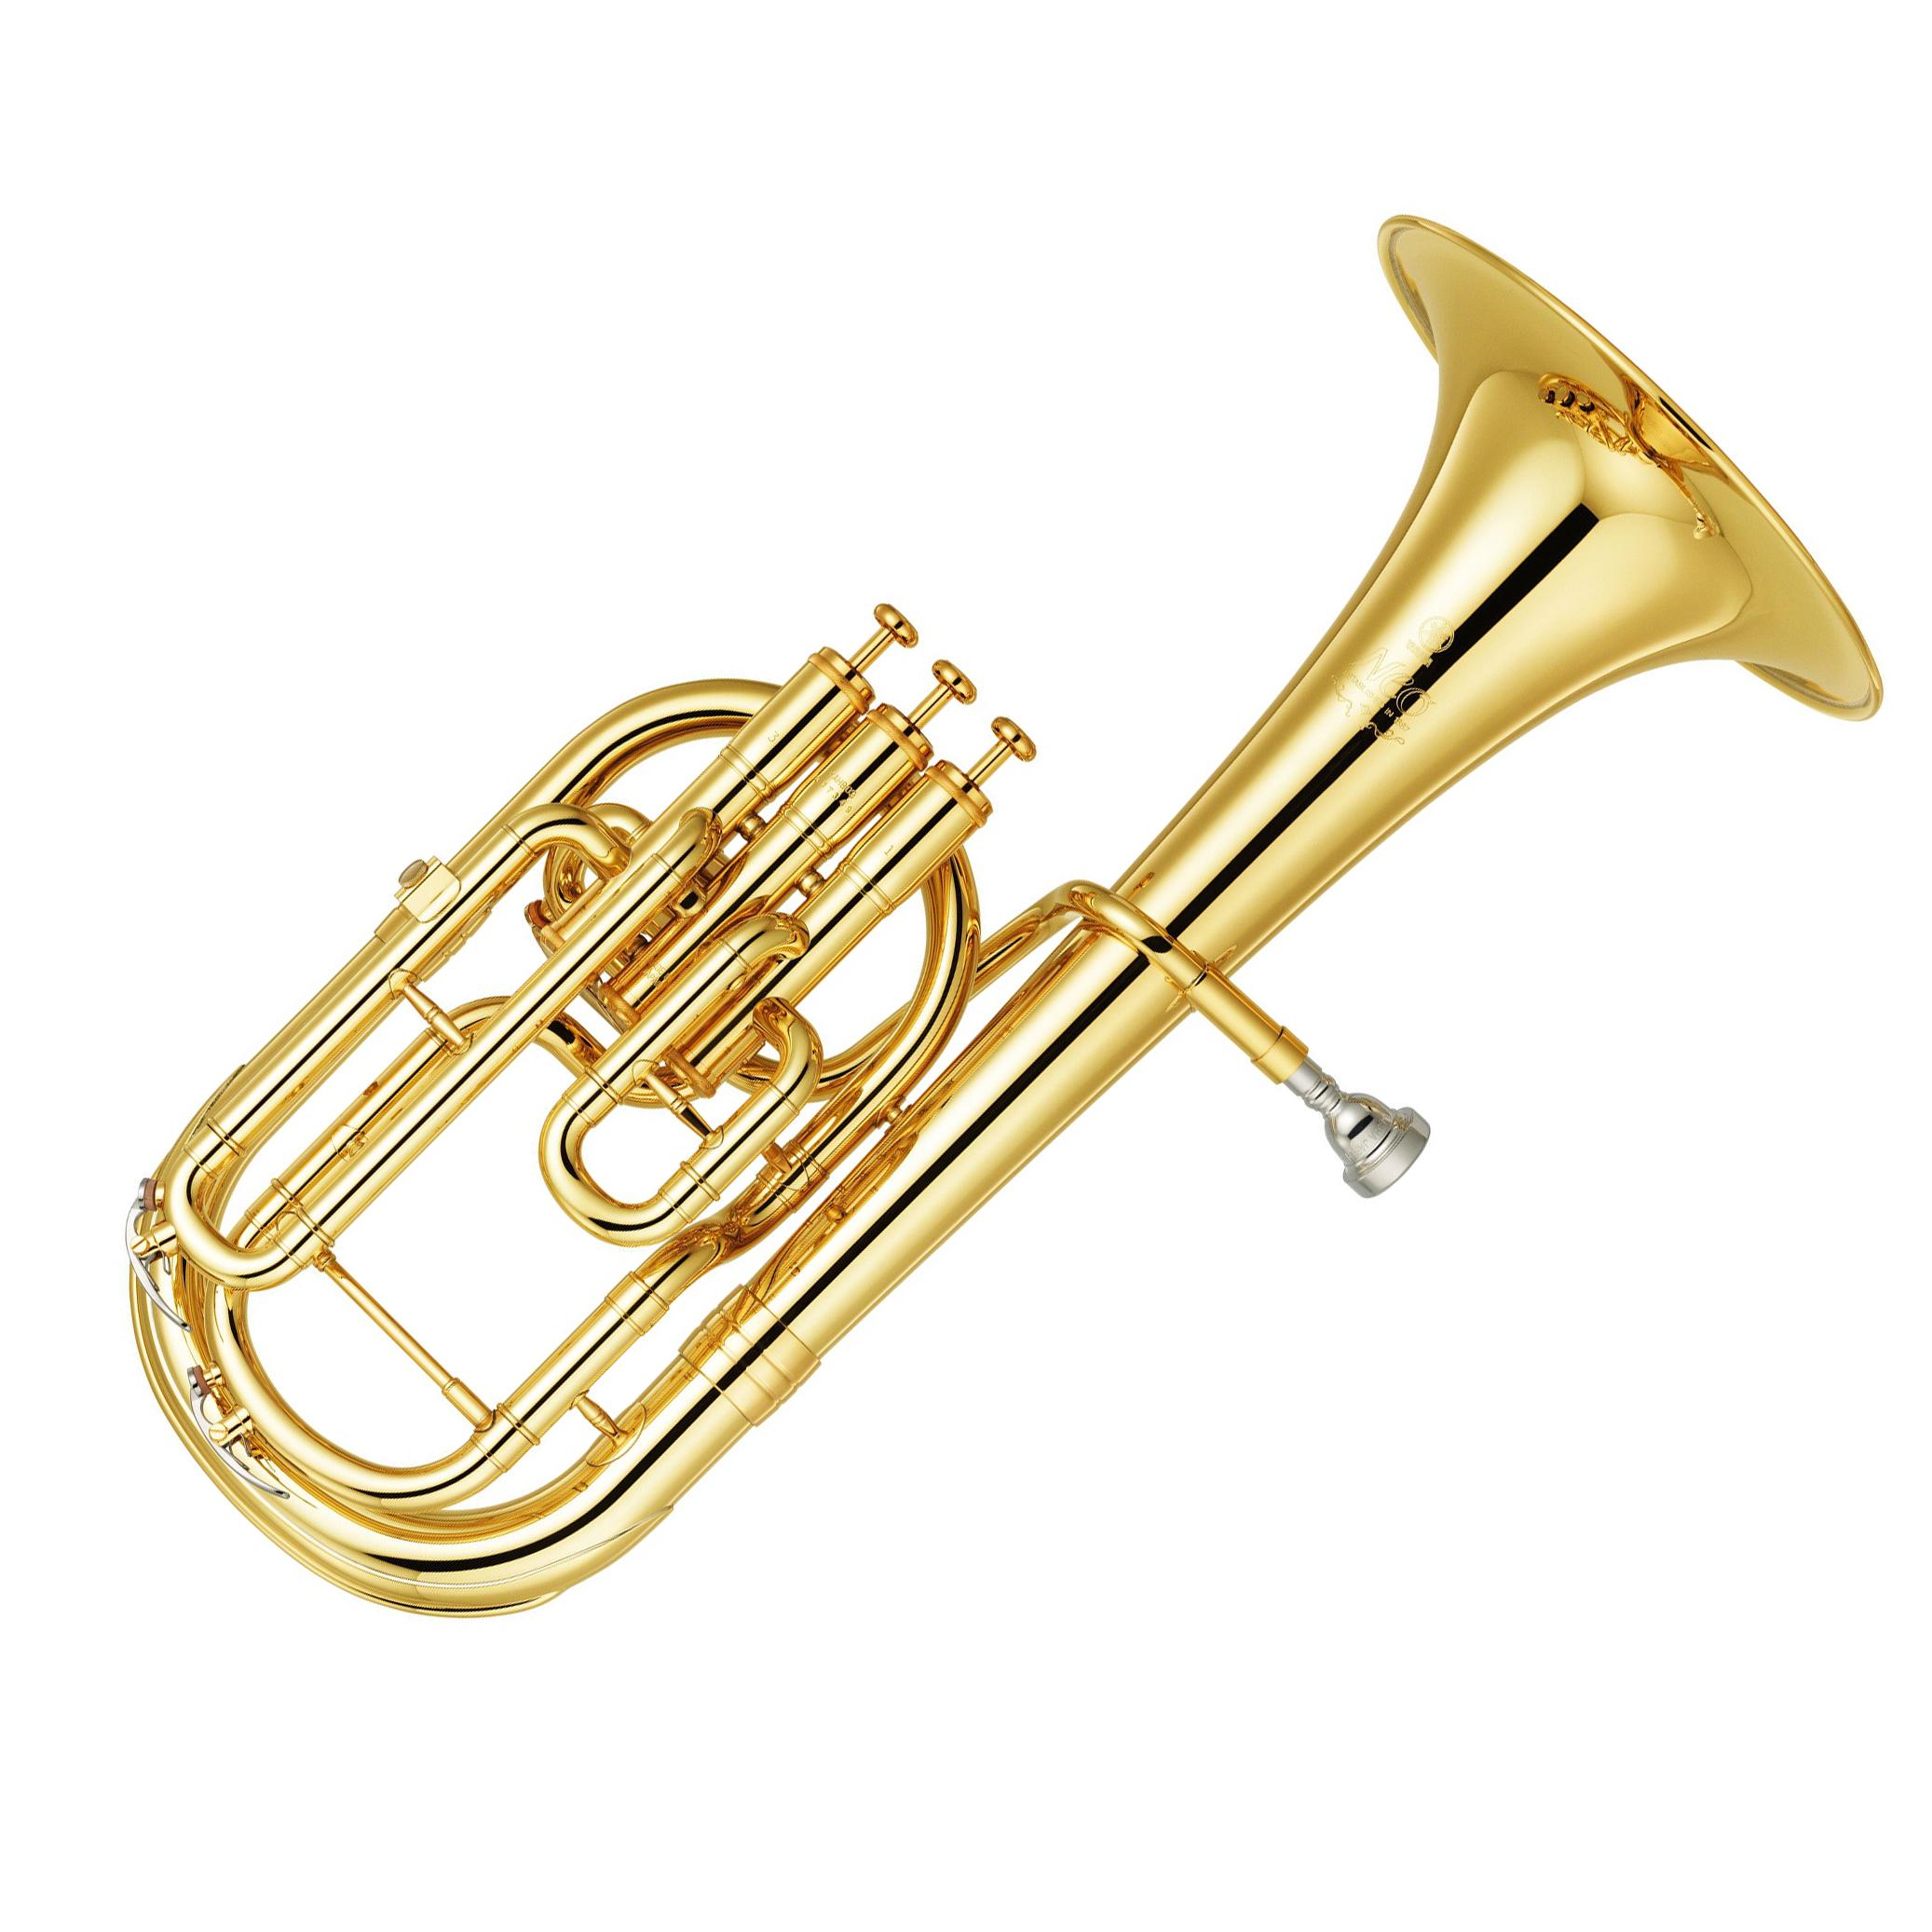 Yamaha Alto Horn